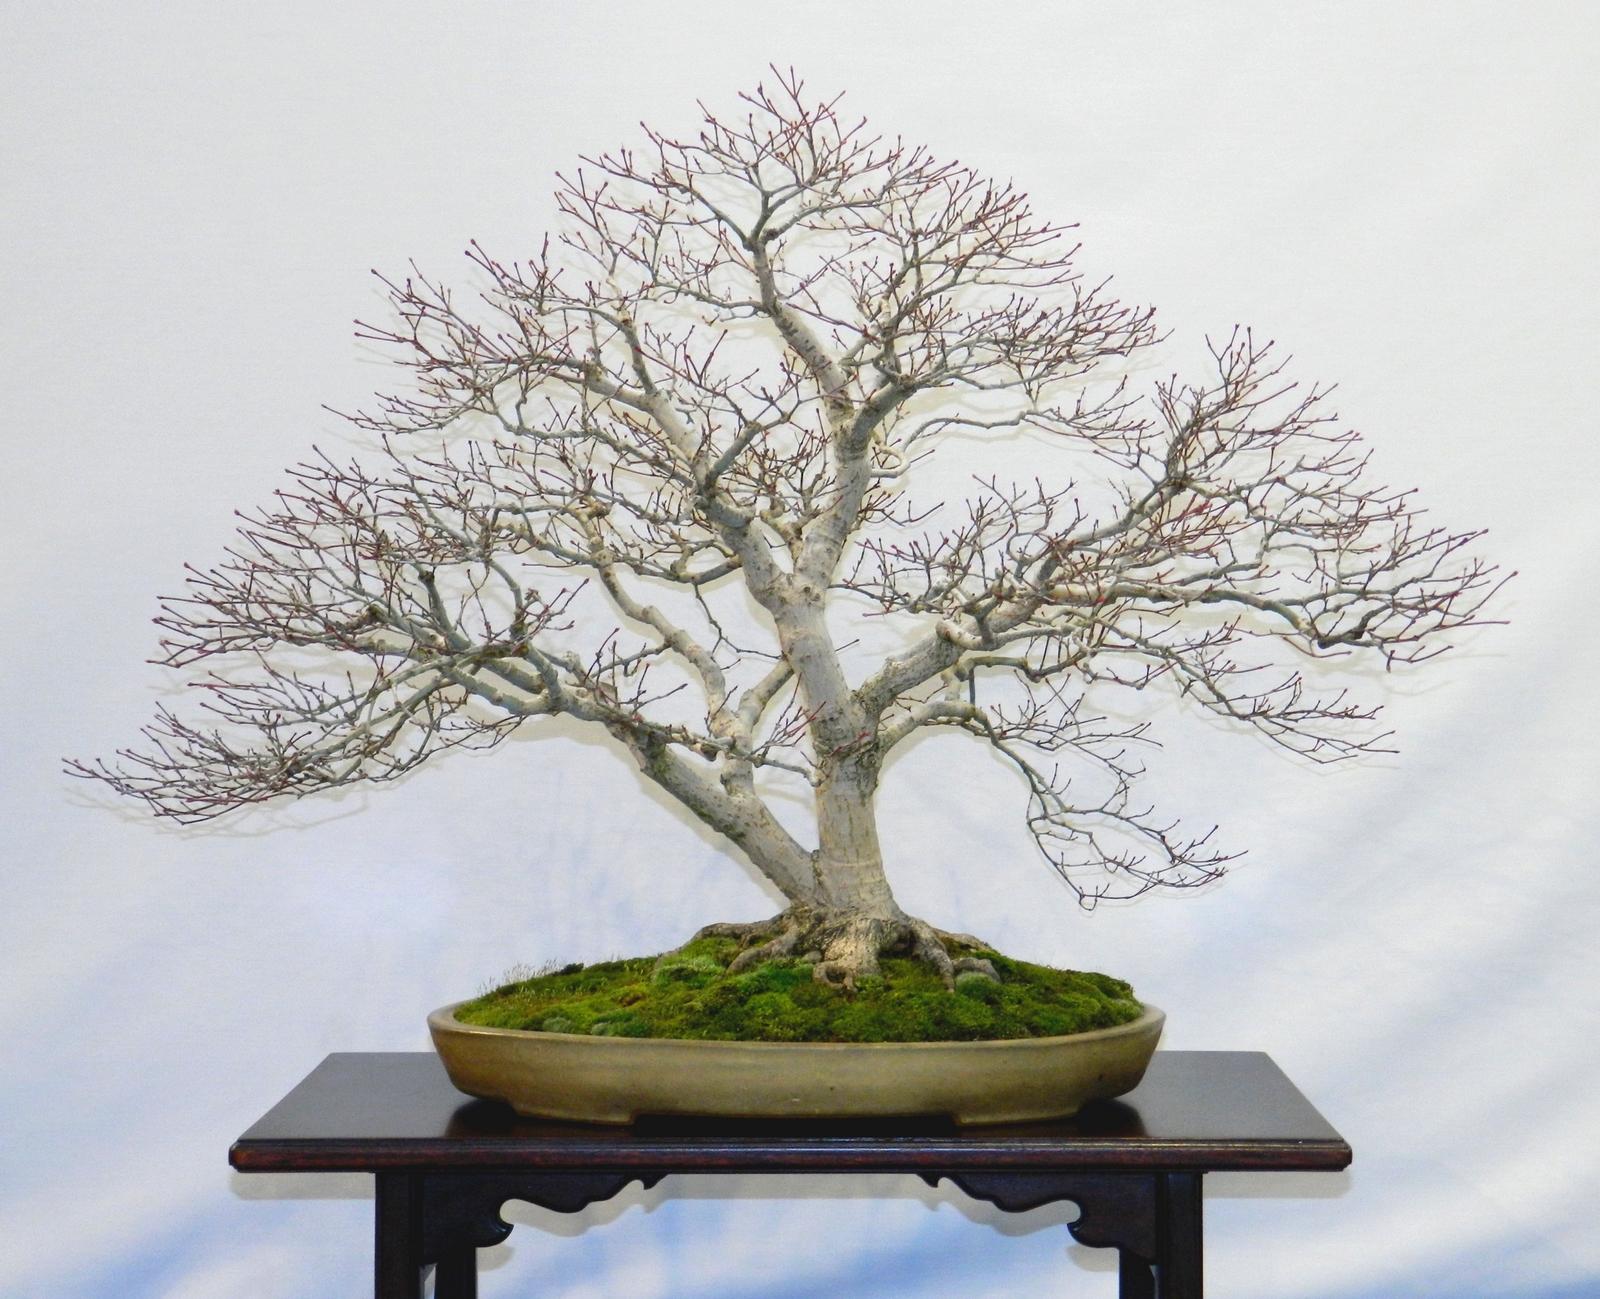 japanischer f cherahorn kaufen japanische ahorn baumschule pflanzen gro e pflanzen und. Black Bedroom Furniture Sets. Home Design Ideas